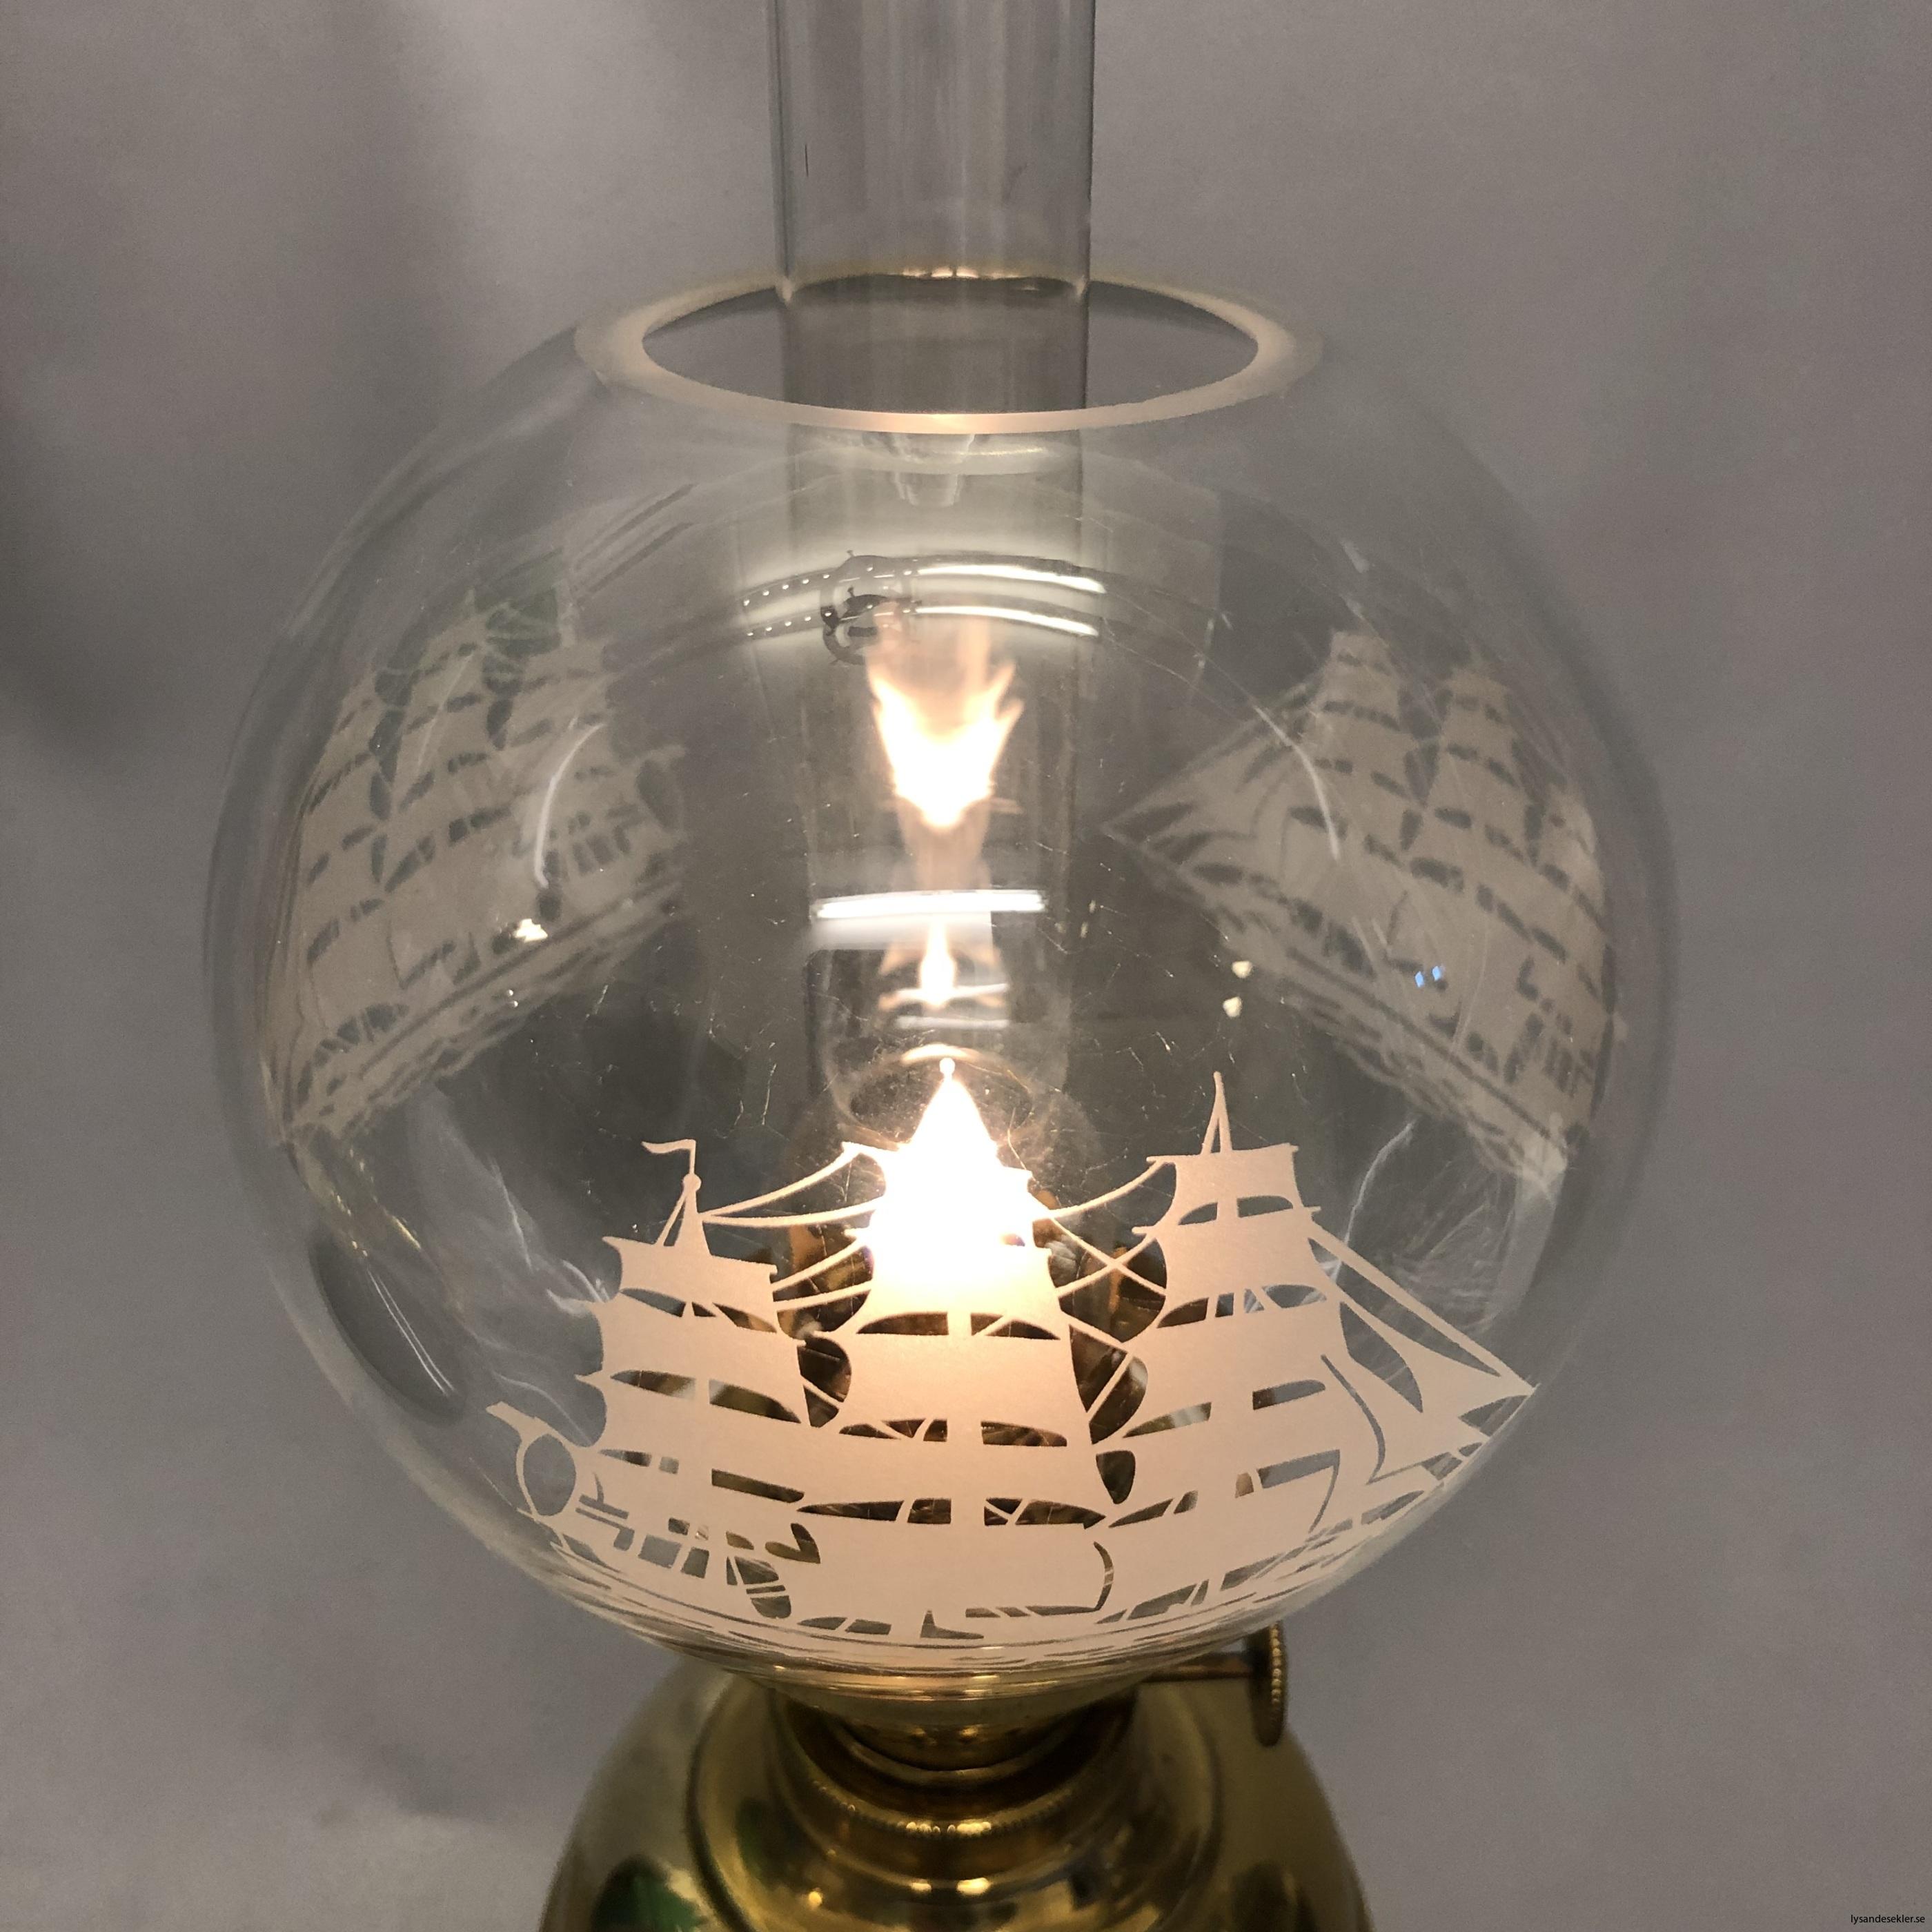 små klotkupor 135 mm till fotogenlampor dansk design22